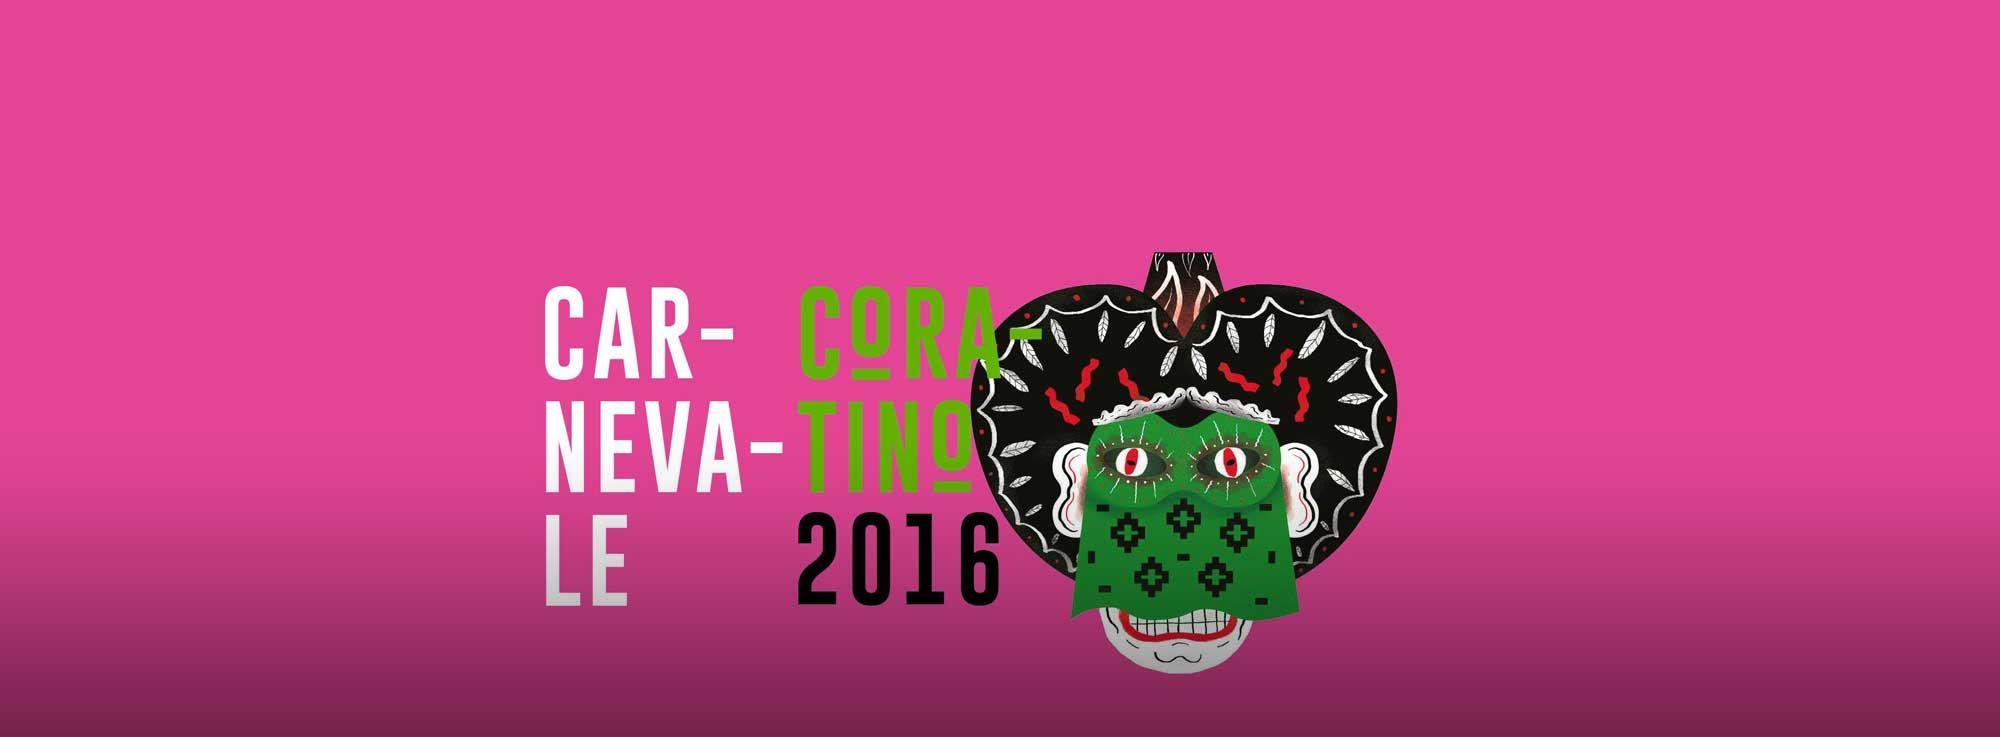 Corato: Carnevale coratino